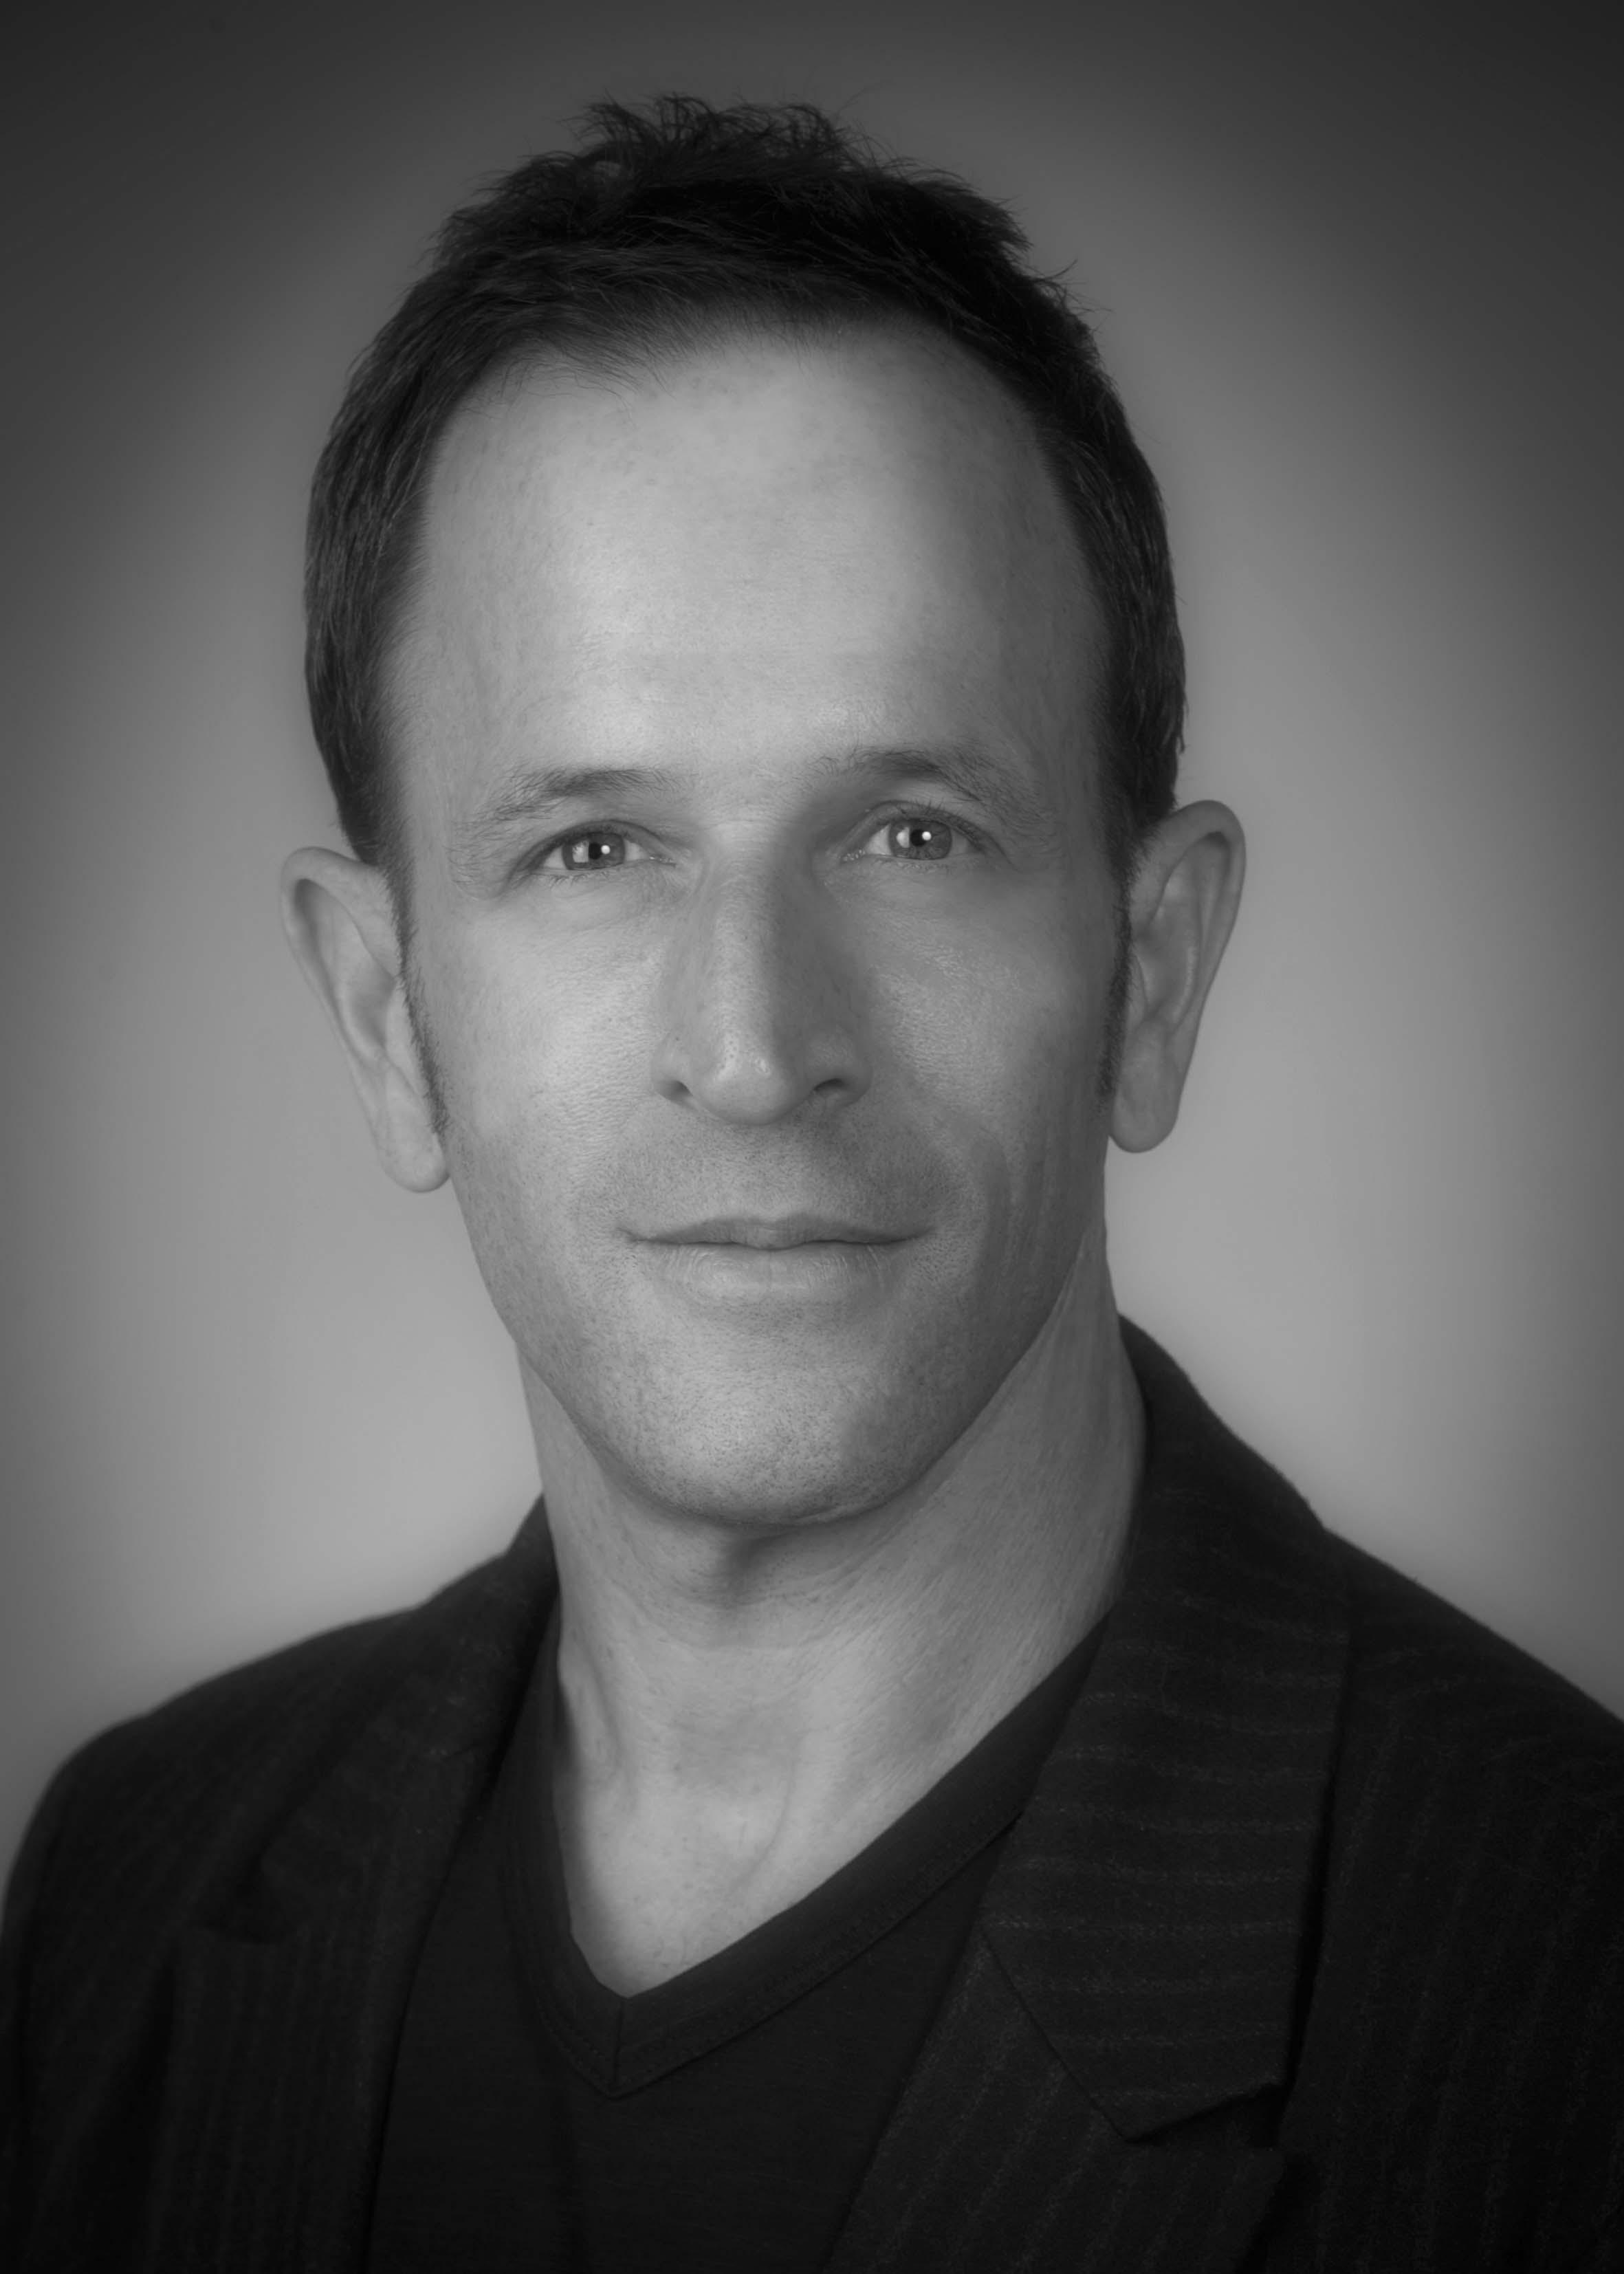 Jeff Gordman